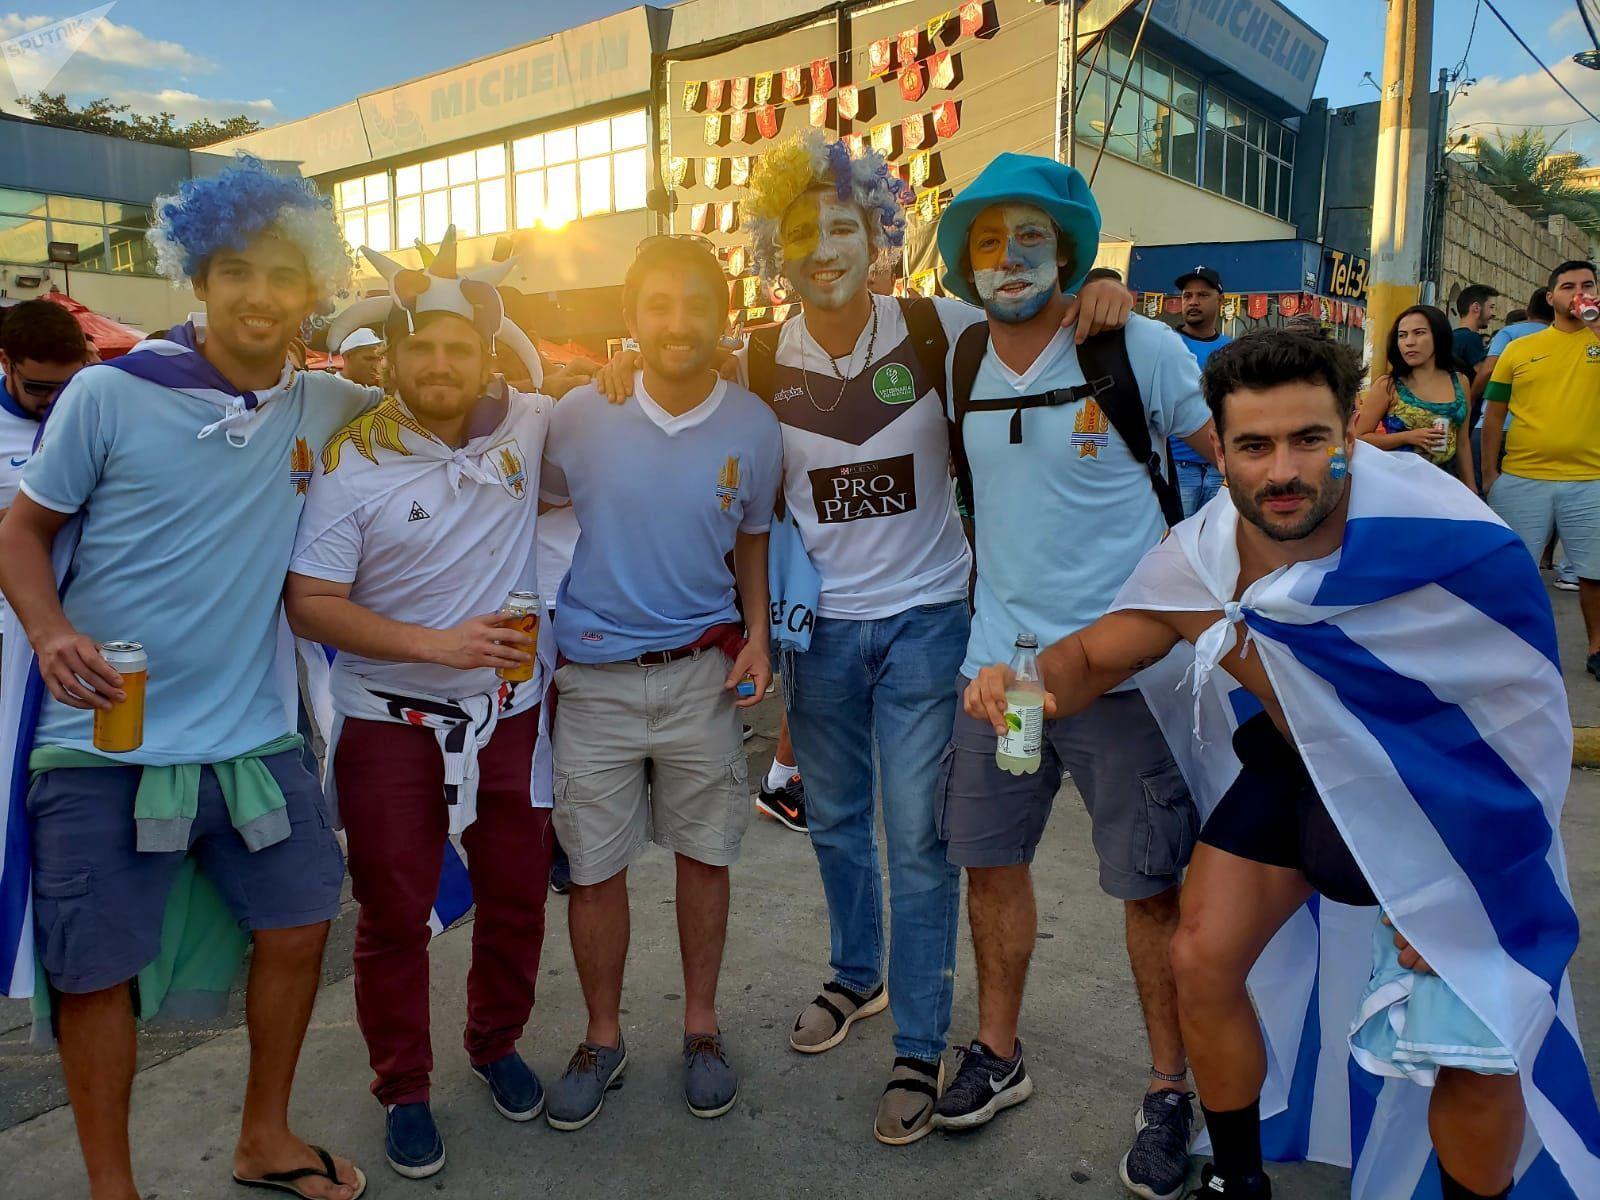 Hinchas de Uruguay en la previa del partido contra Ecuador